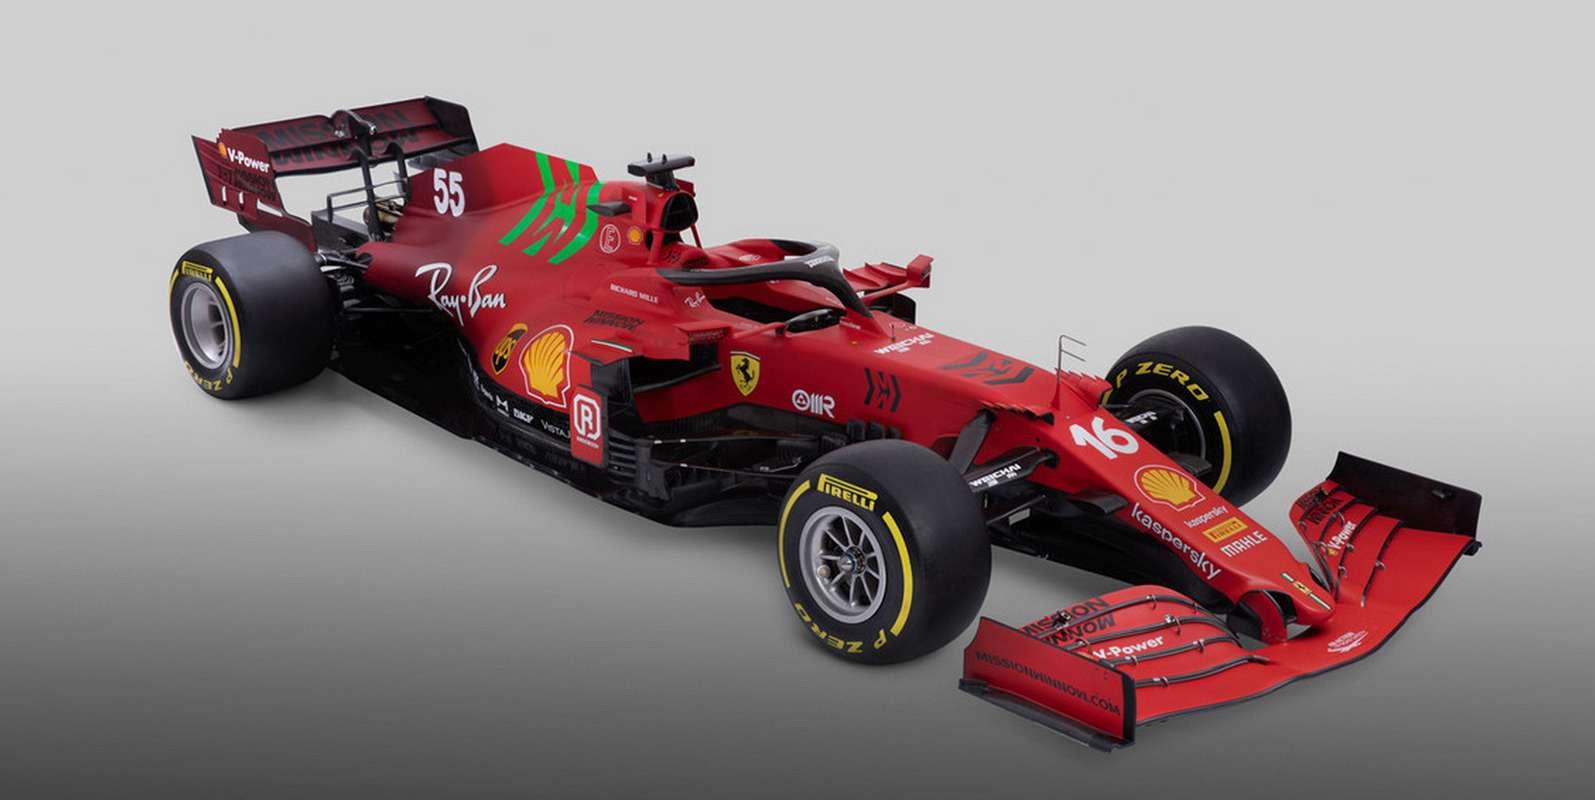 Формула-1 сезона 2021: новые болиды изапрещенный российский (!) флаг— фото 1230213